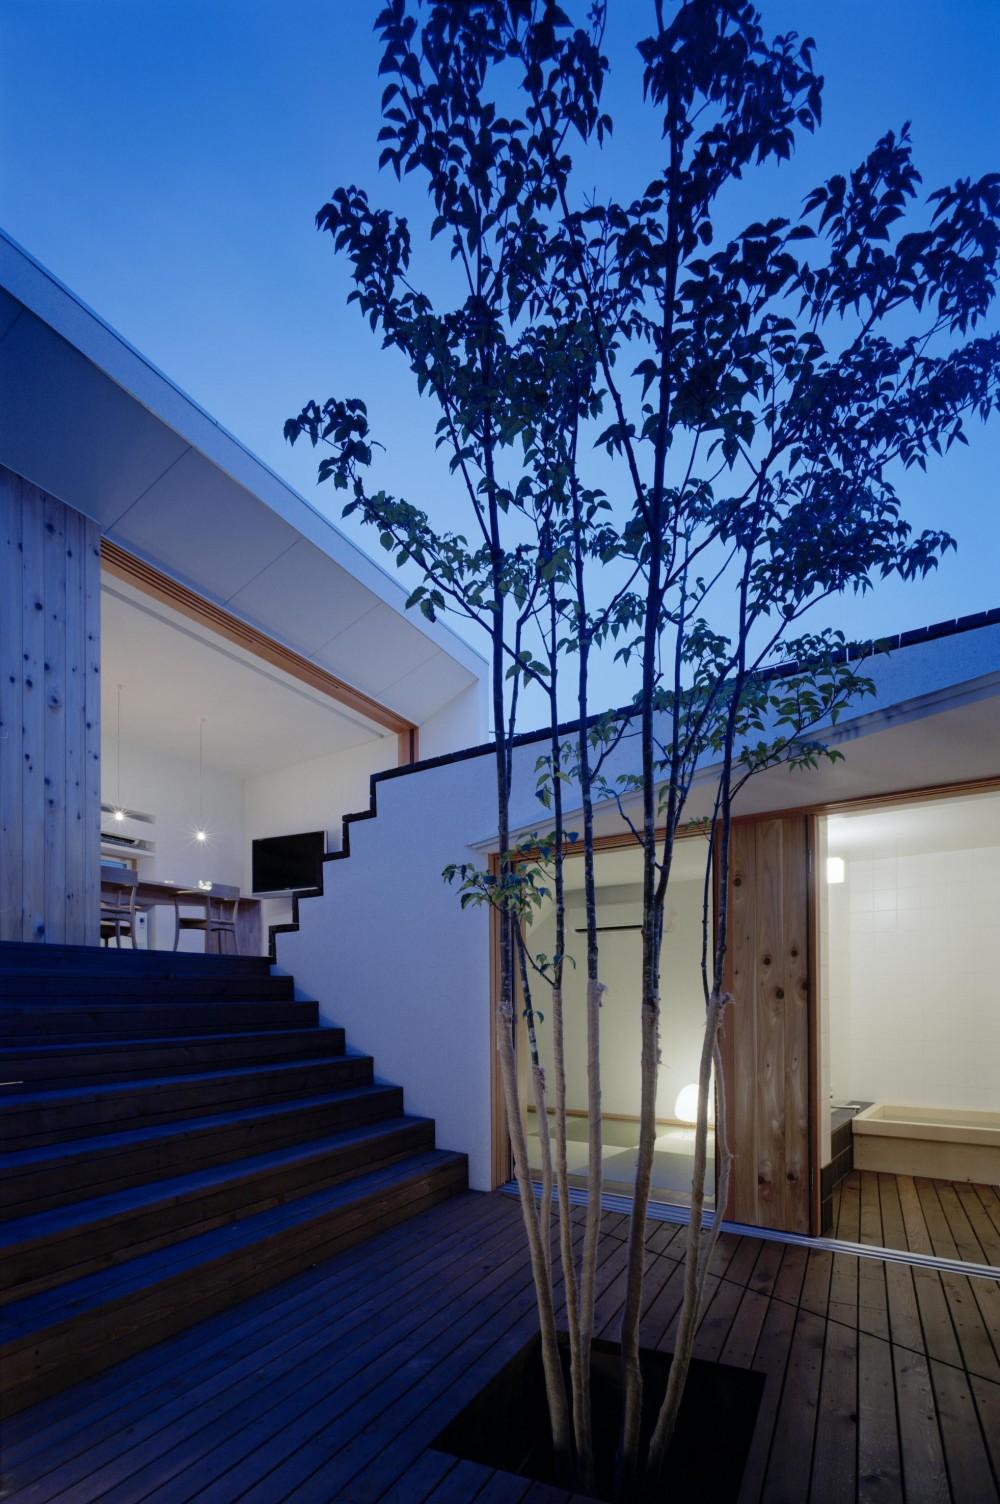 階段テラスが中庭と屋上をつなぐ家 (中庭から屋上へと続く中庭の風景)